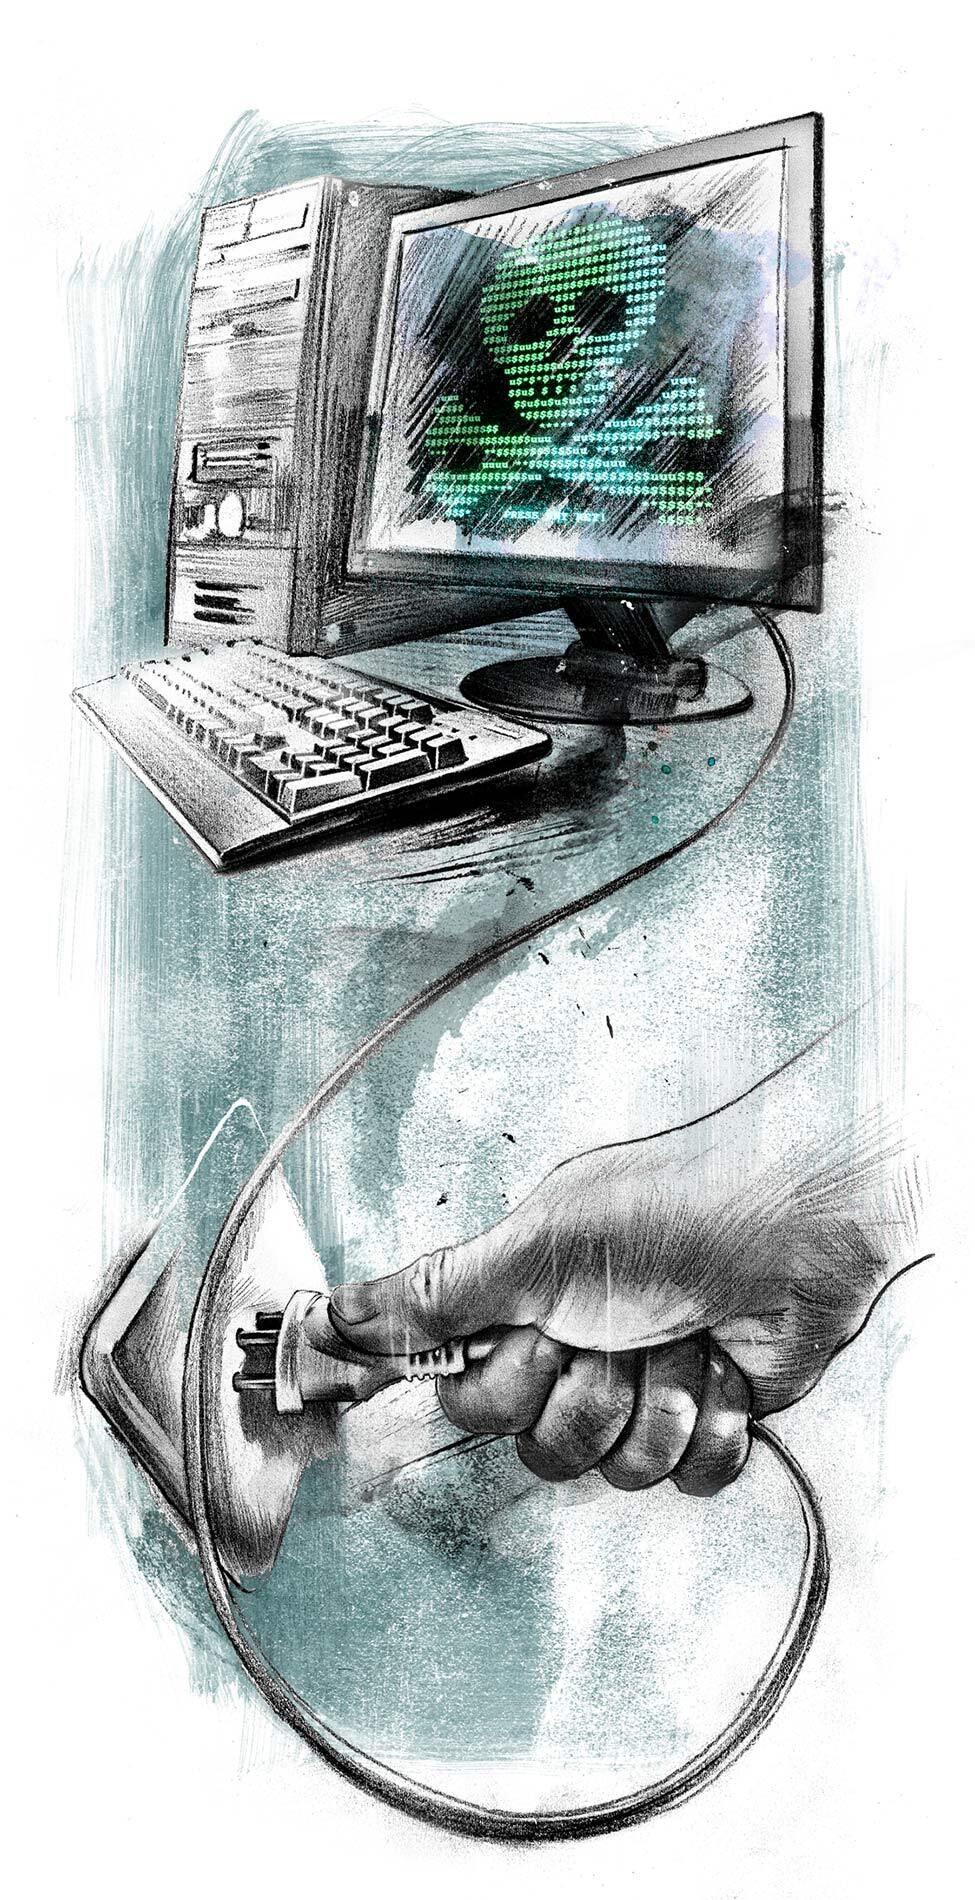 Petya Virus Illustration hacker - Kornel Illustration | Kornel Stadler portfolio